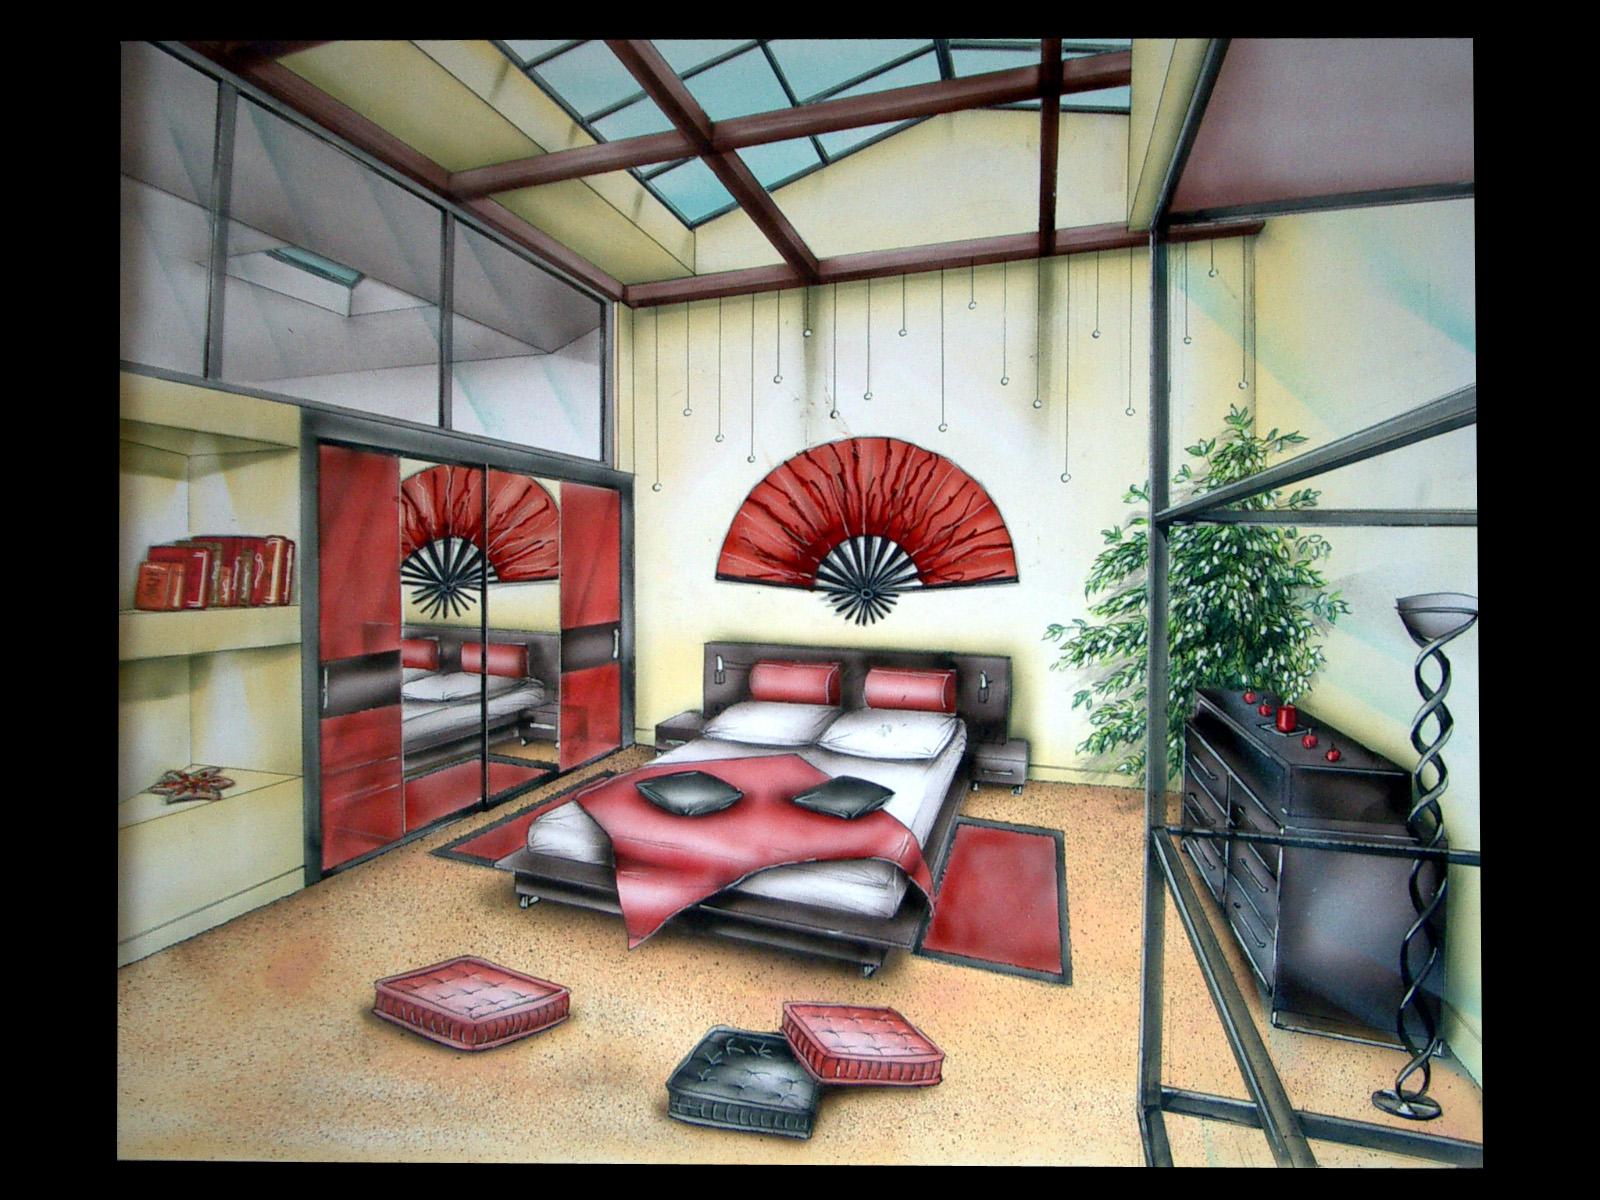 Chambre de nuit moderne design de maison for Chambre en perspective lineaire